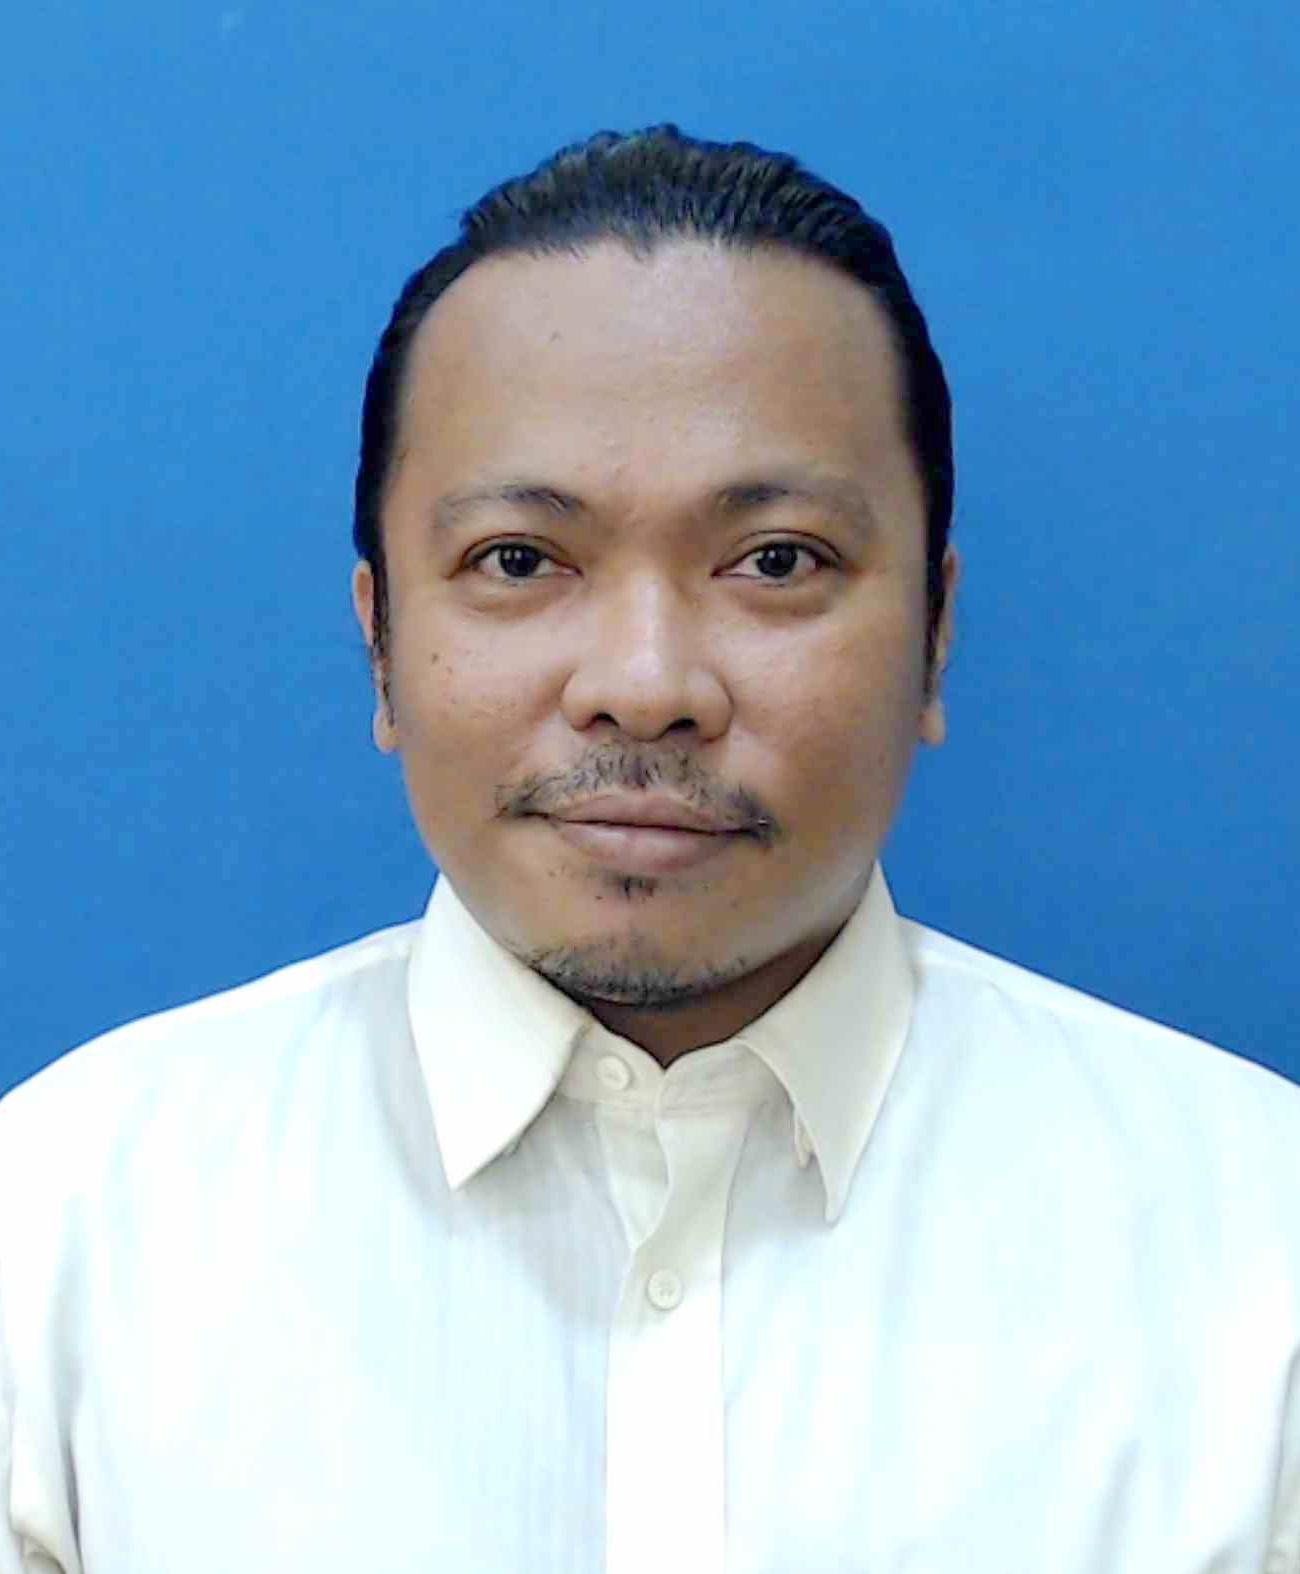 Mohd Kasrol Bin Kassim